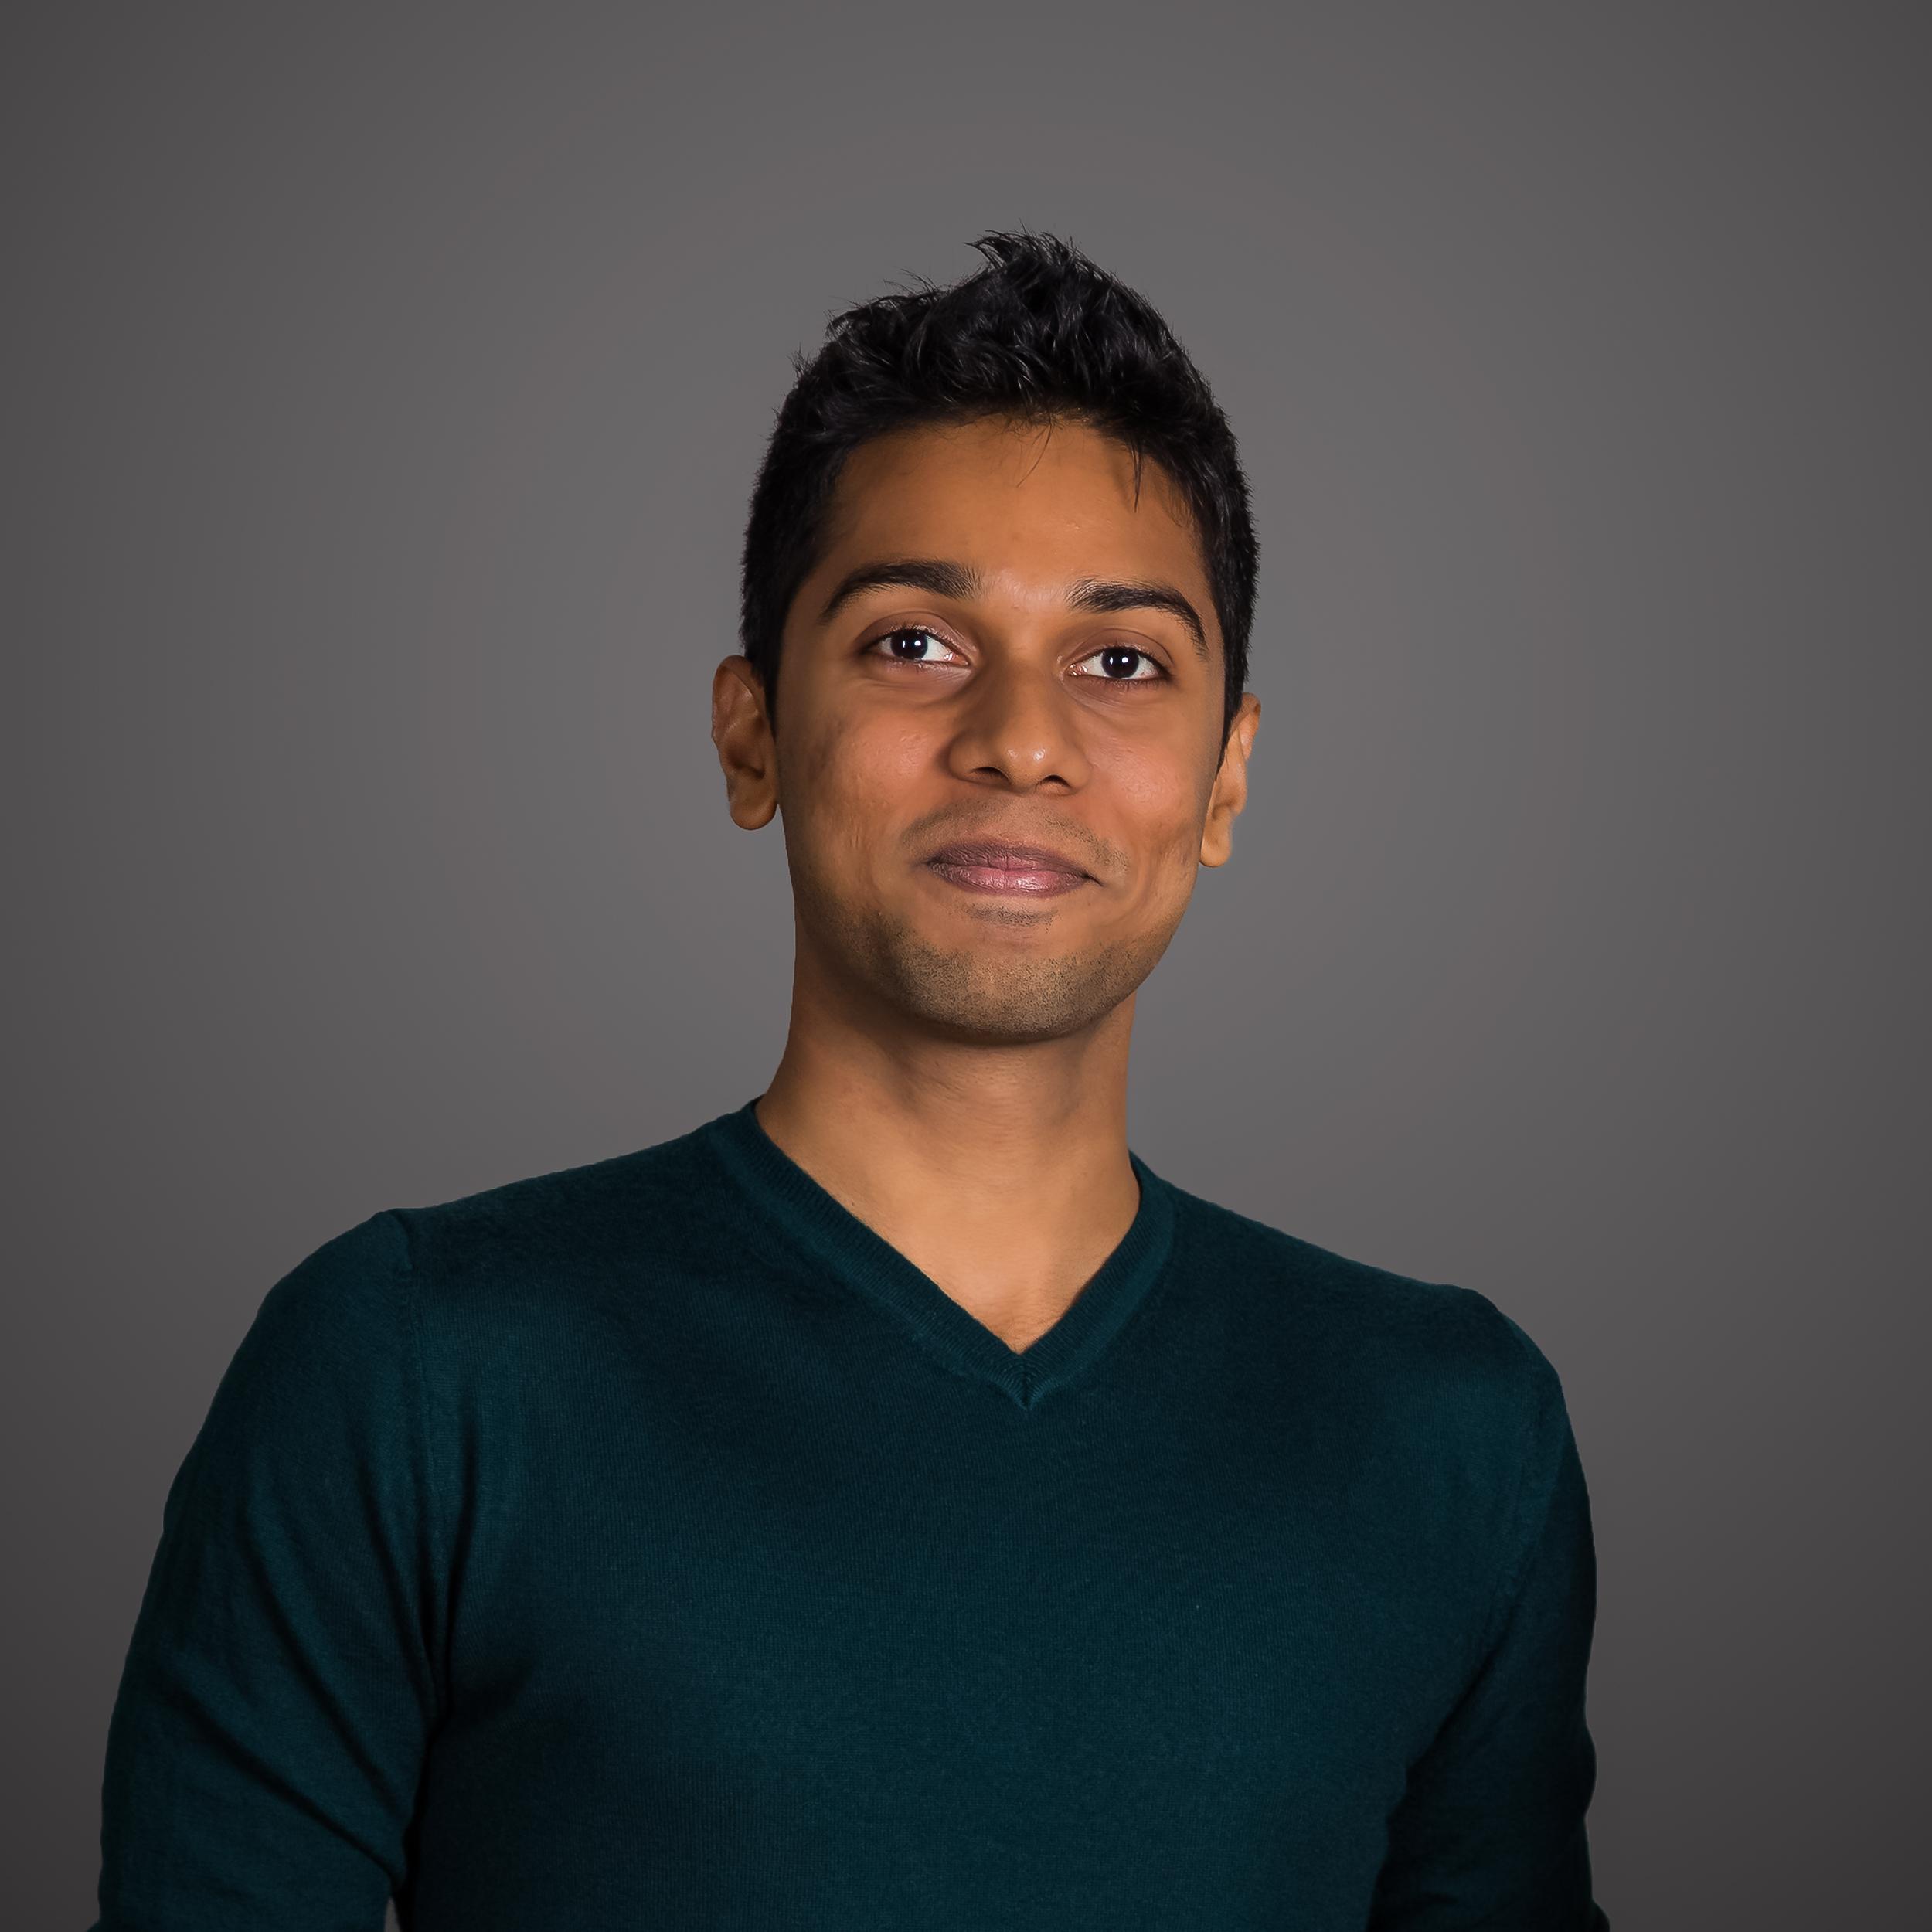 Sai Profile Picture